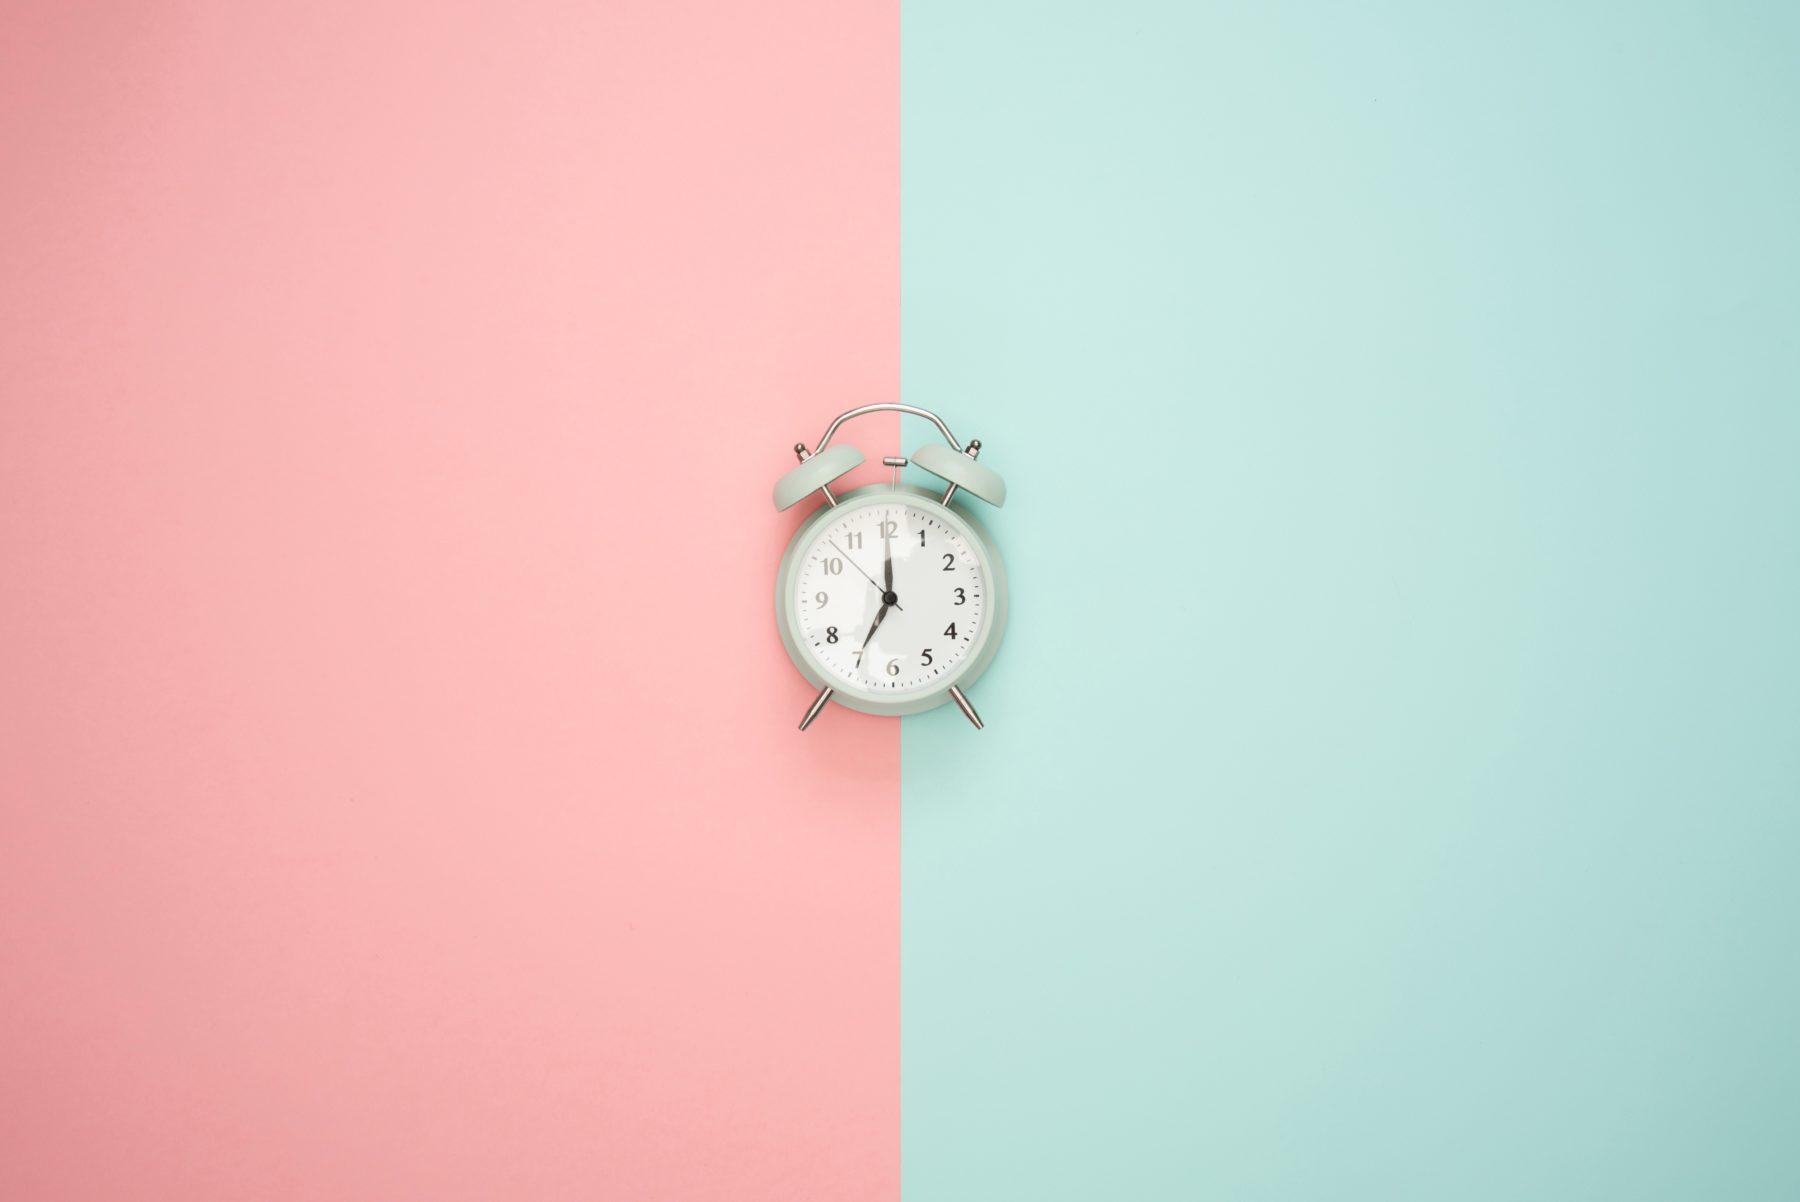 時間の使い方に人格が表れる! 価値ある時間にするための5つのポイント